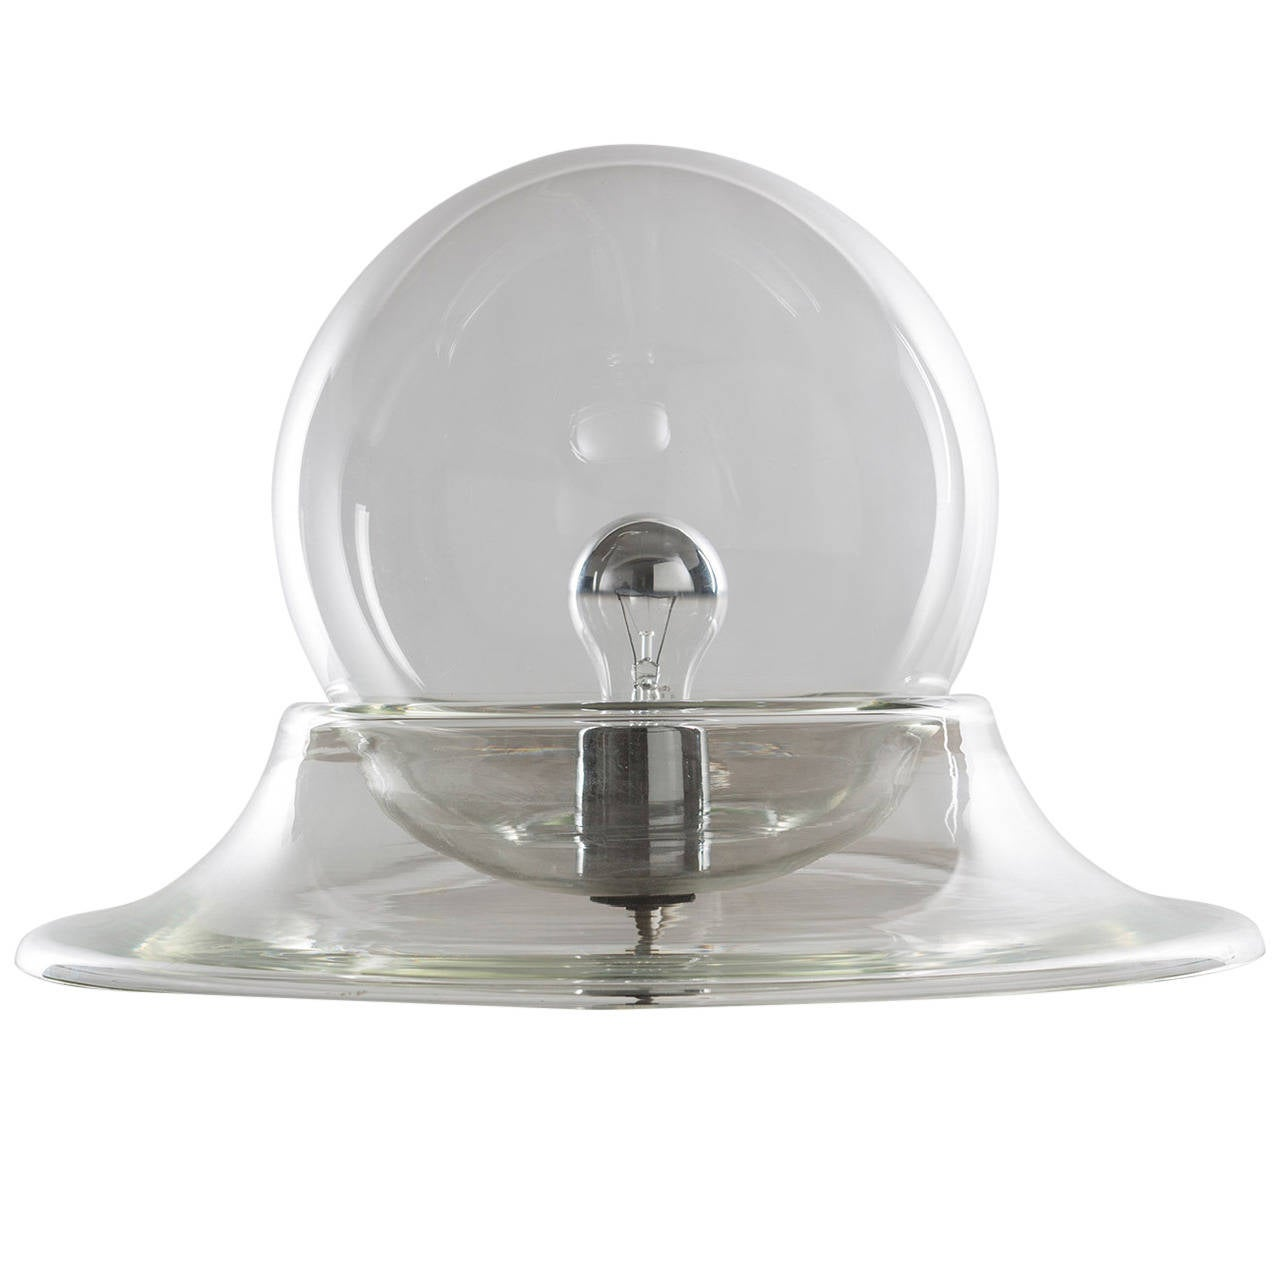 Table Lamp by Ornella Noorda for Venini